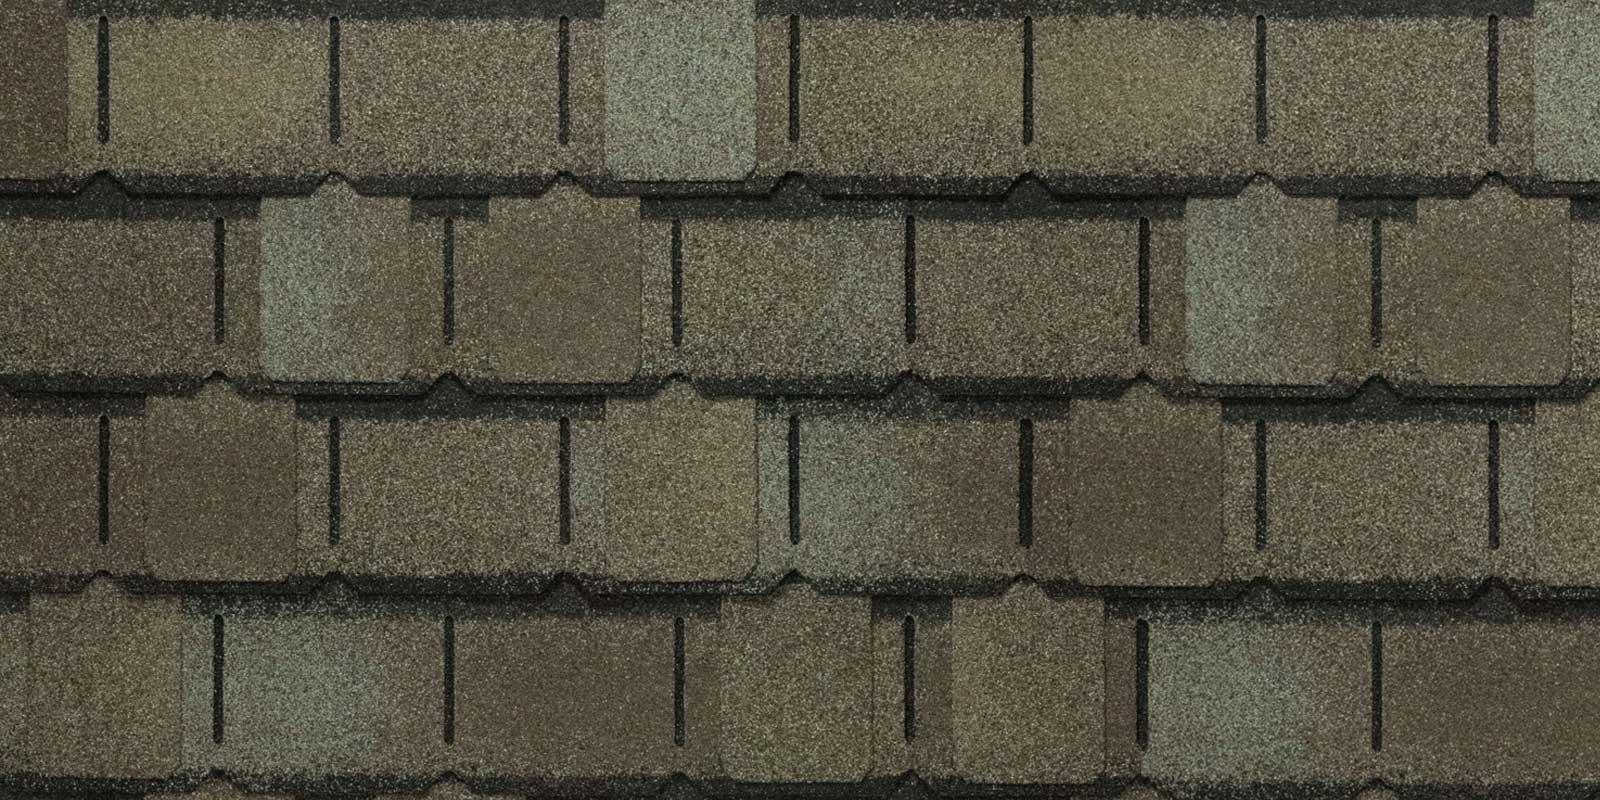 Zdjęcie produktu jakim jest gont bitumiczny amerykańskiej firmy GAF z linii Camelot 2, pokrycia dachowe